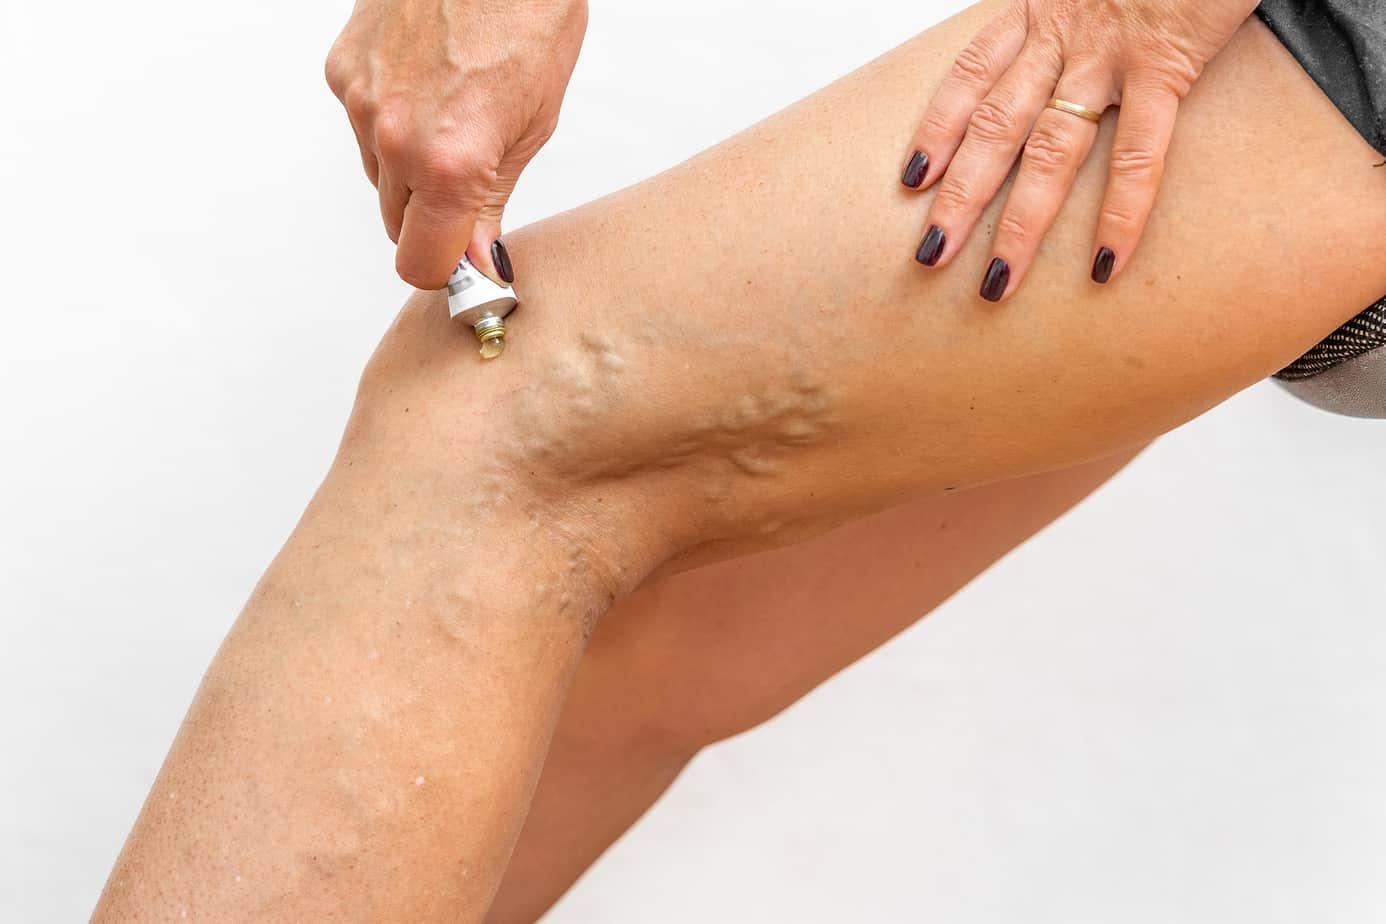 applicazione di una crema contro le vene varicose